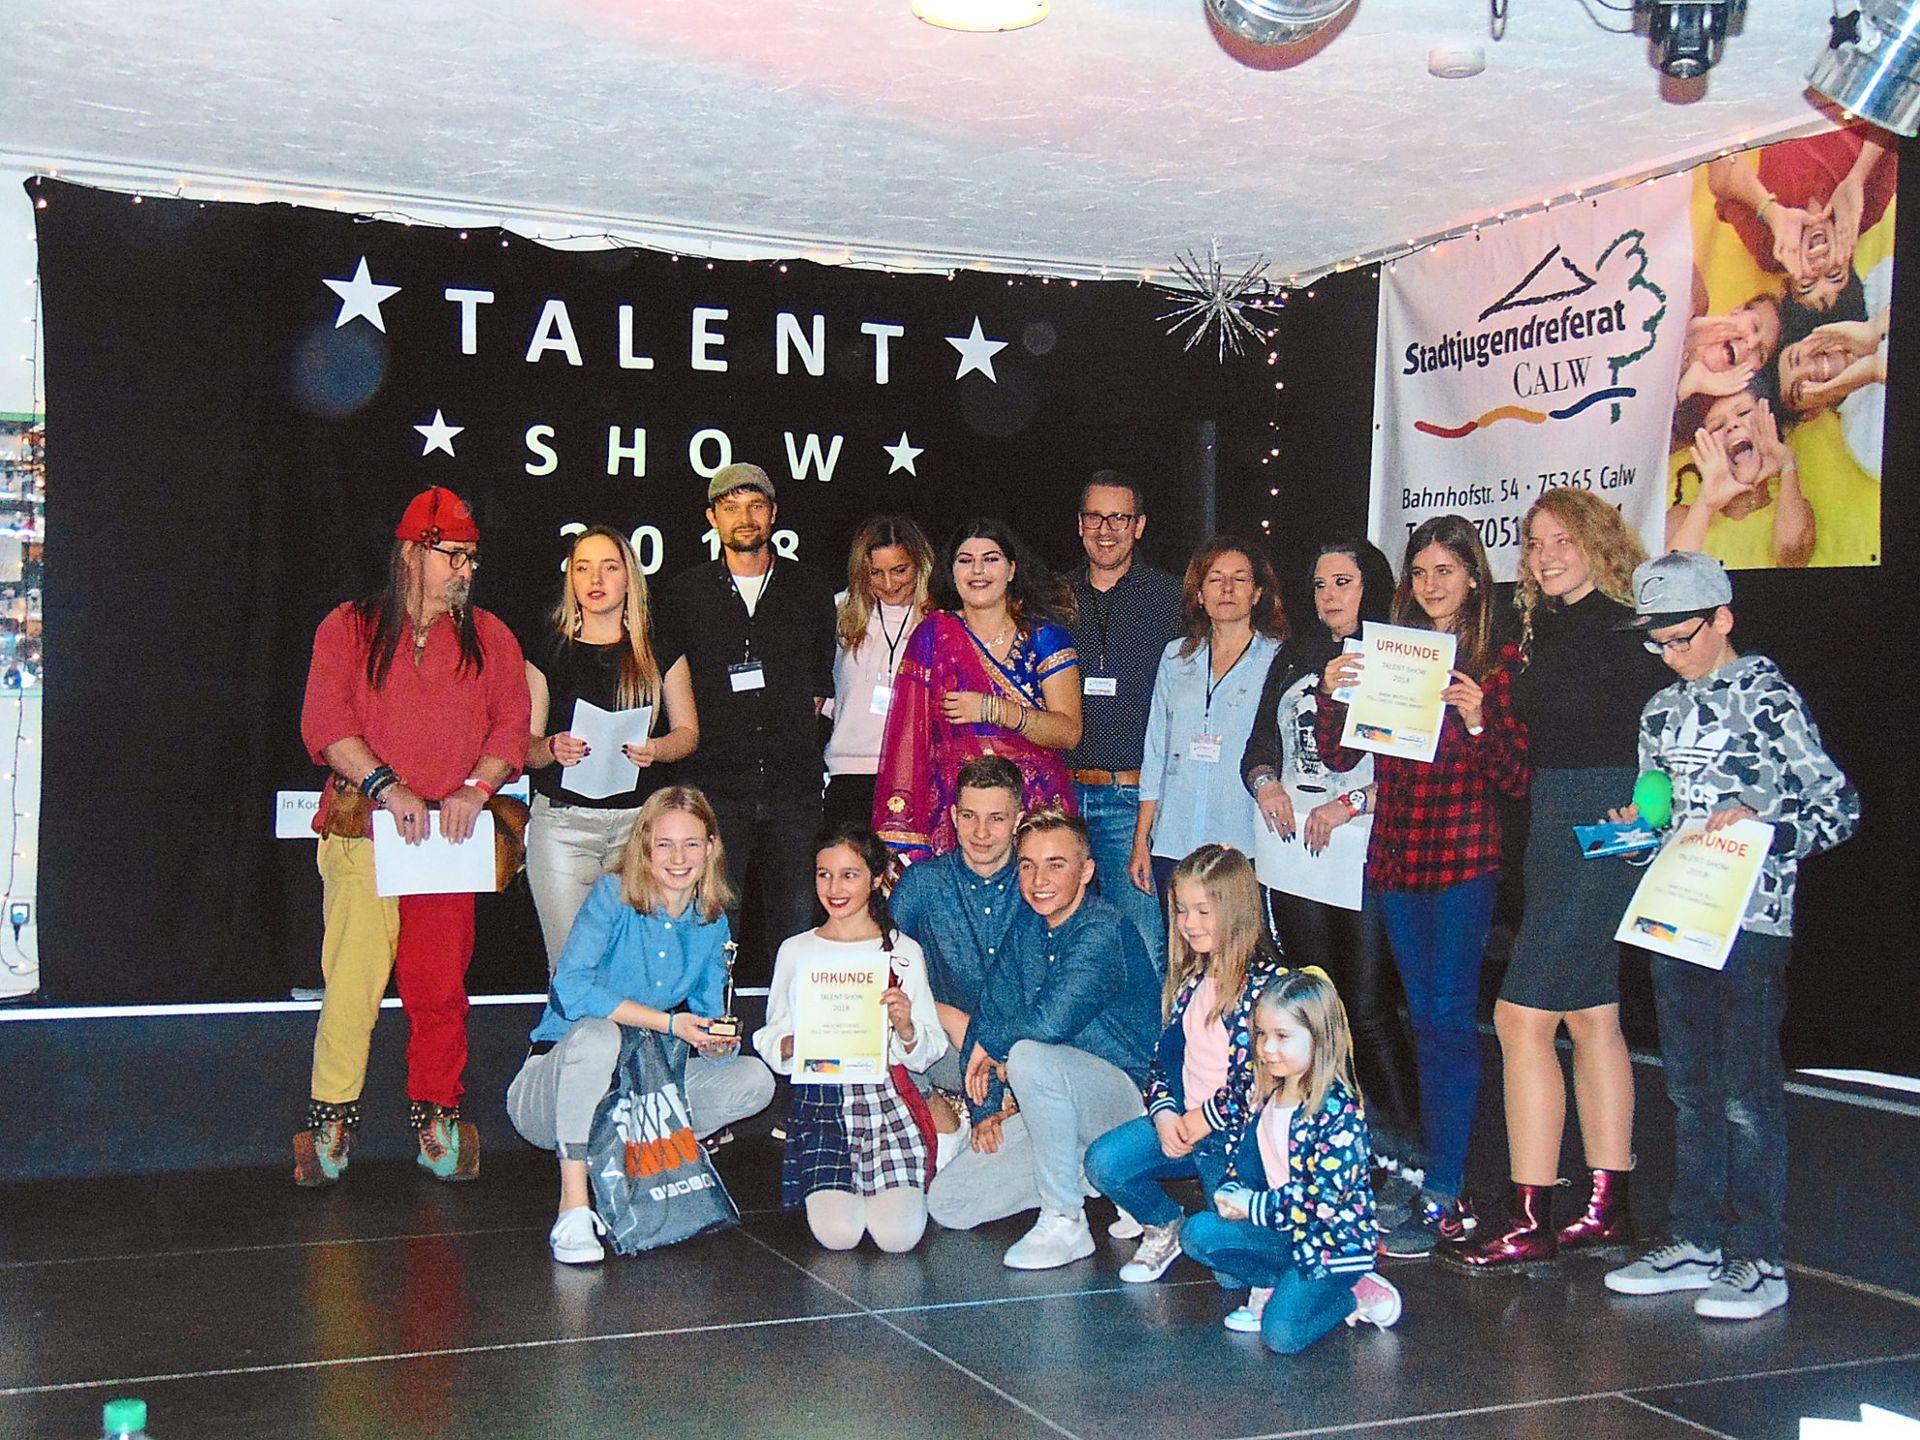 Doppelt so viele Künstler als voriges Jahr bei Talentshow